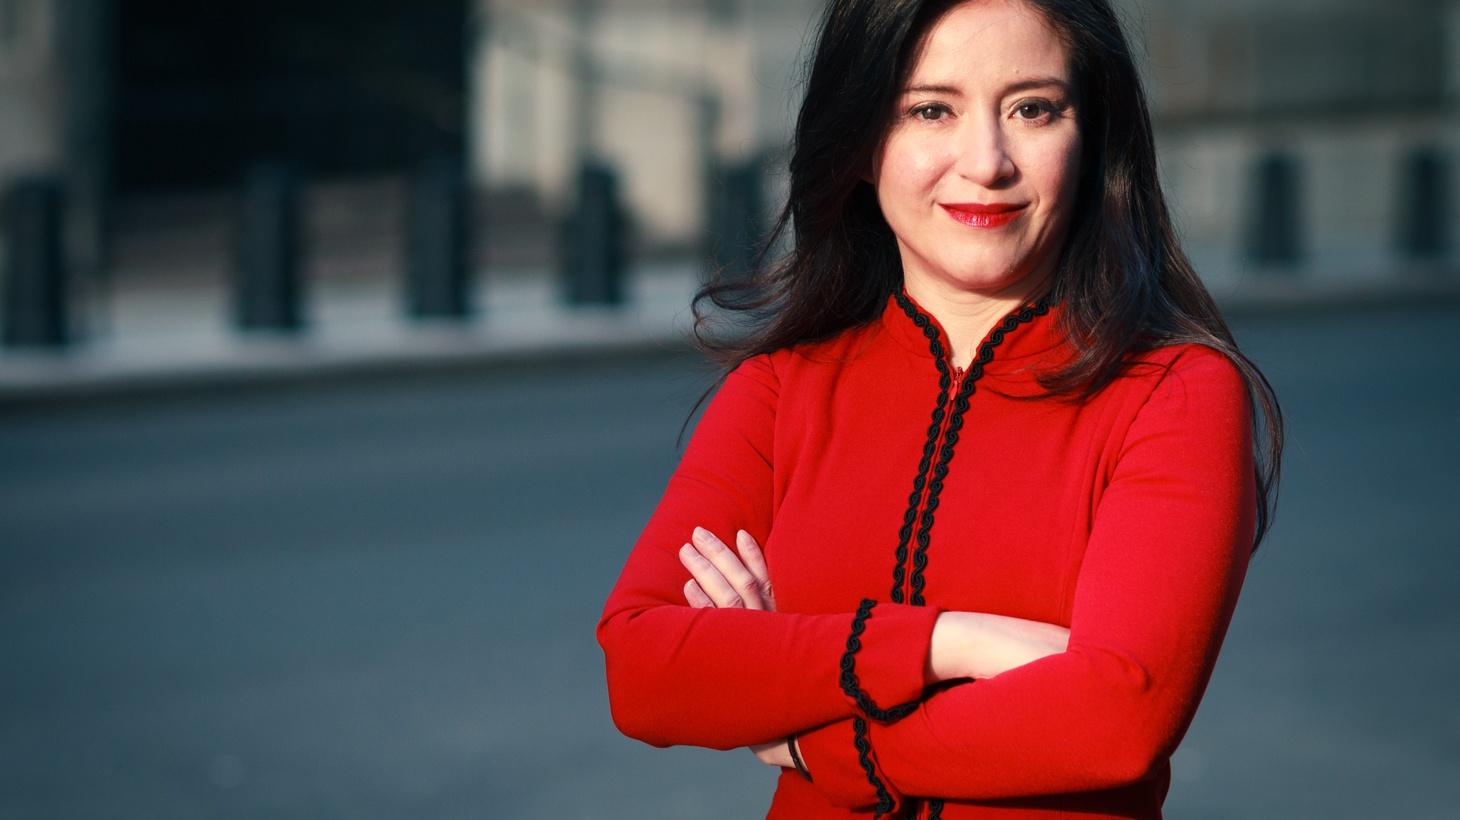 """""""Noncompliant"""" author Carmen Segarra sounds off on Goldman Sachs, deregulation and the dangerous ways our culture rewards bad behavior."""